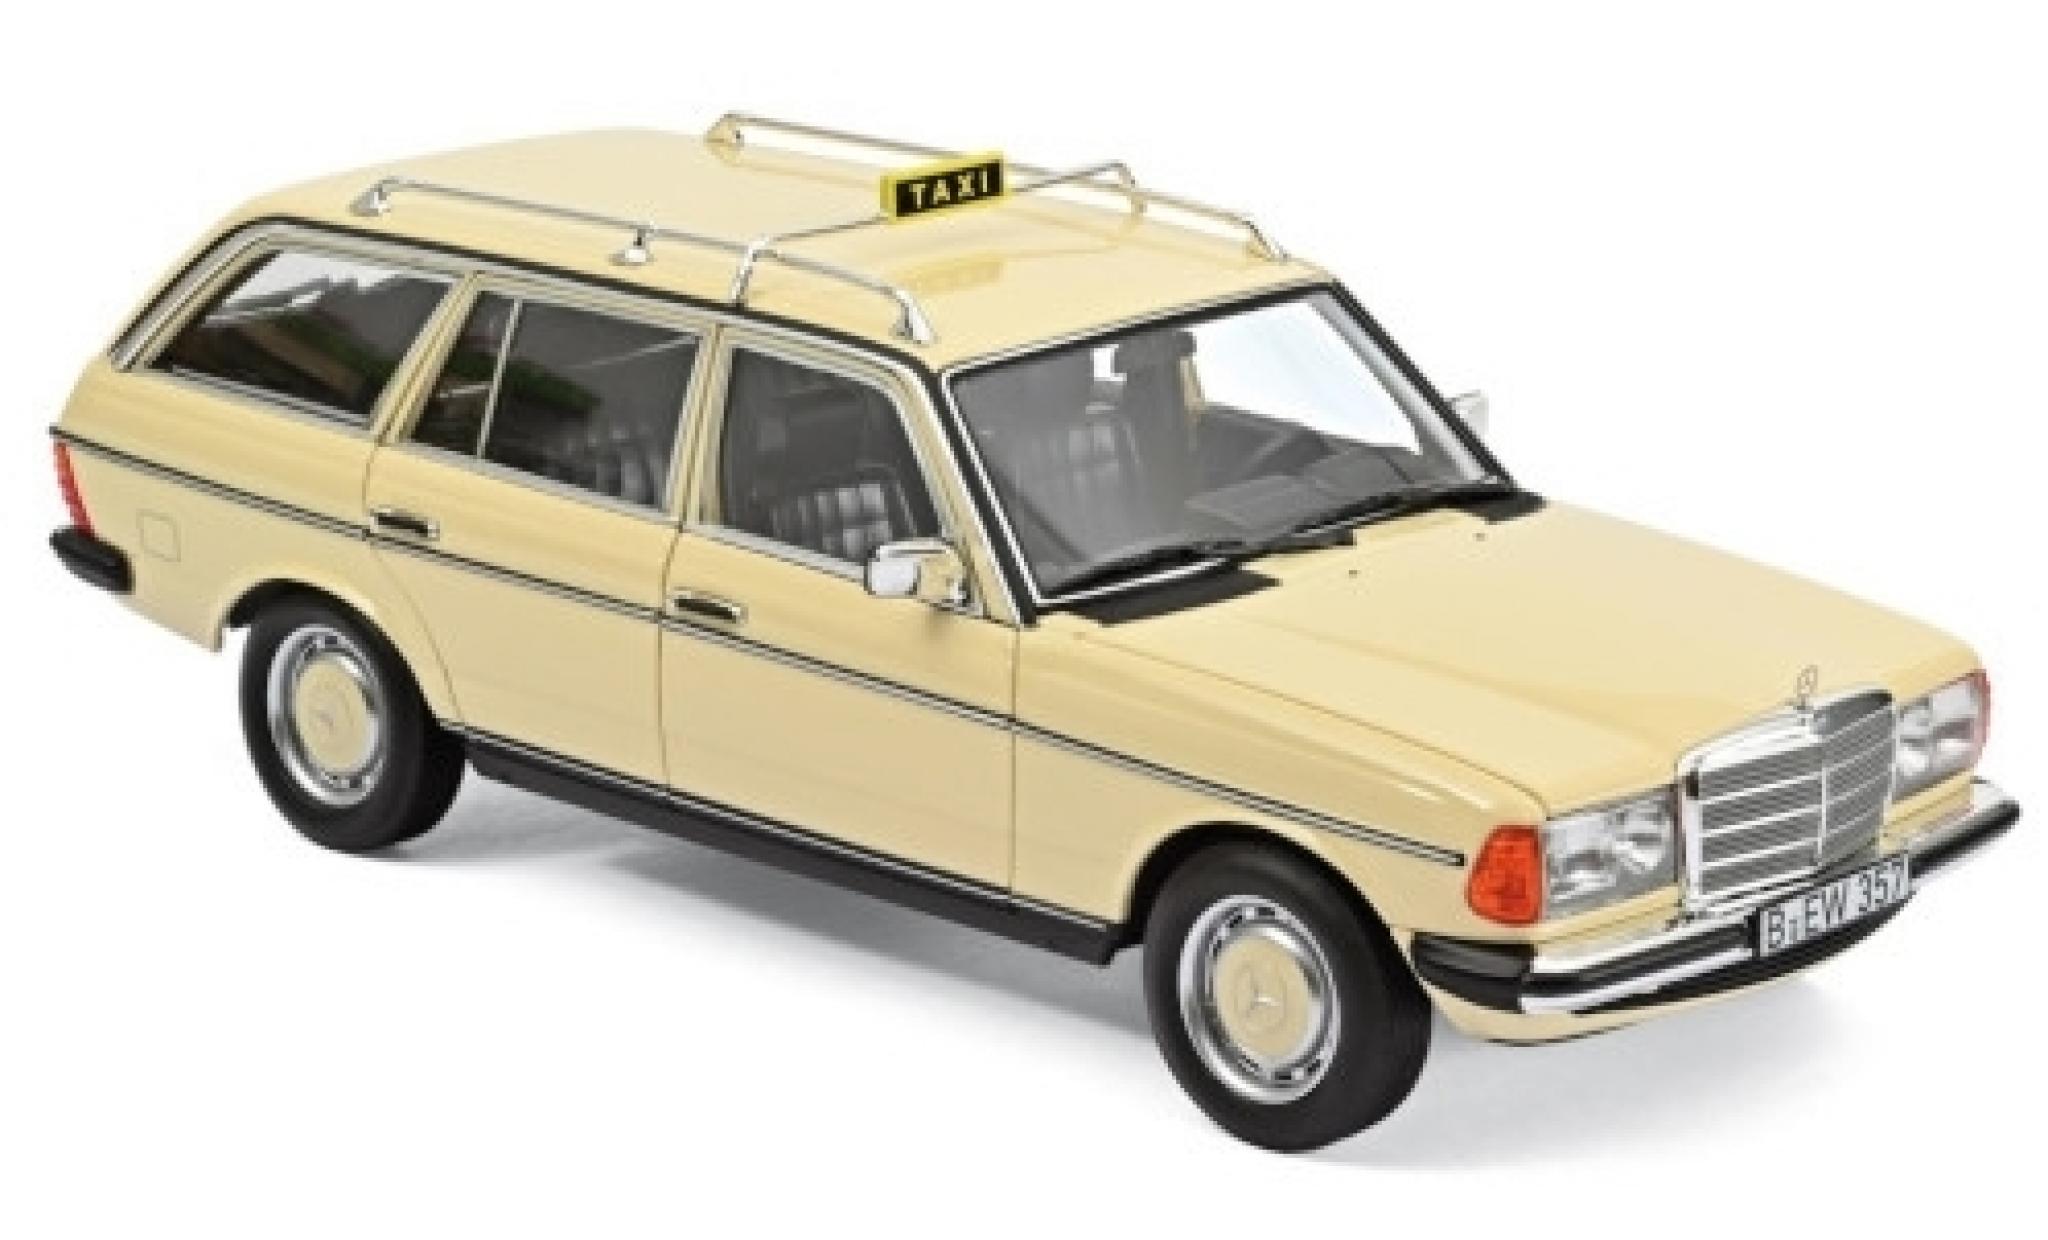 Mercedes 200 1/18 Norev T (S123) beige Taxi (D) 1982